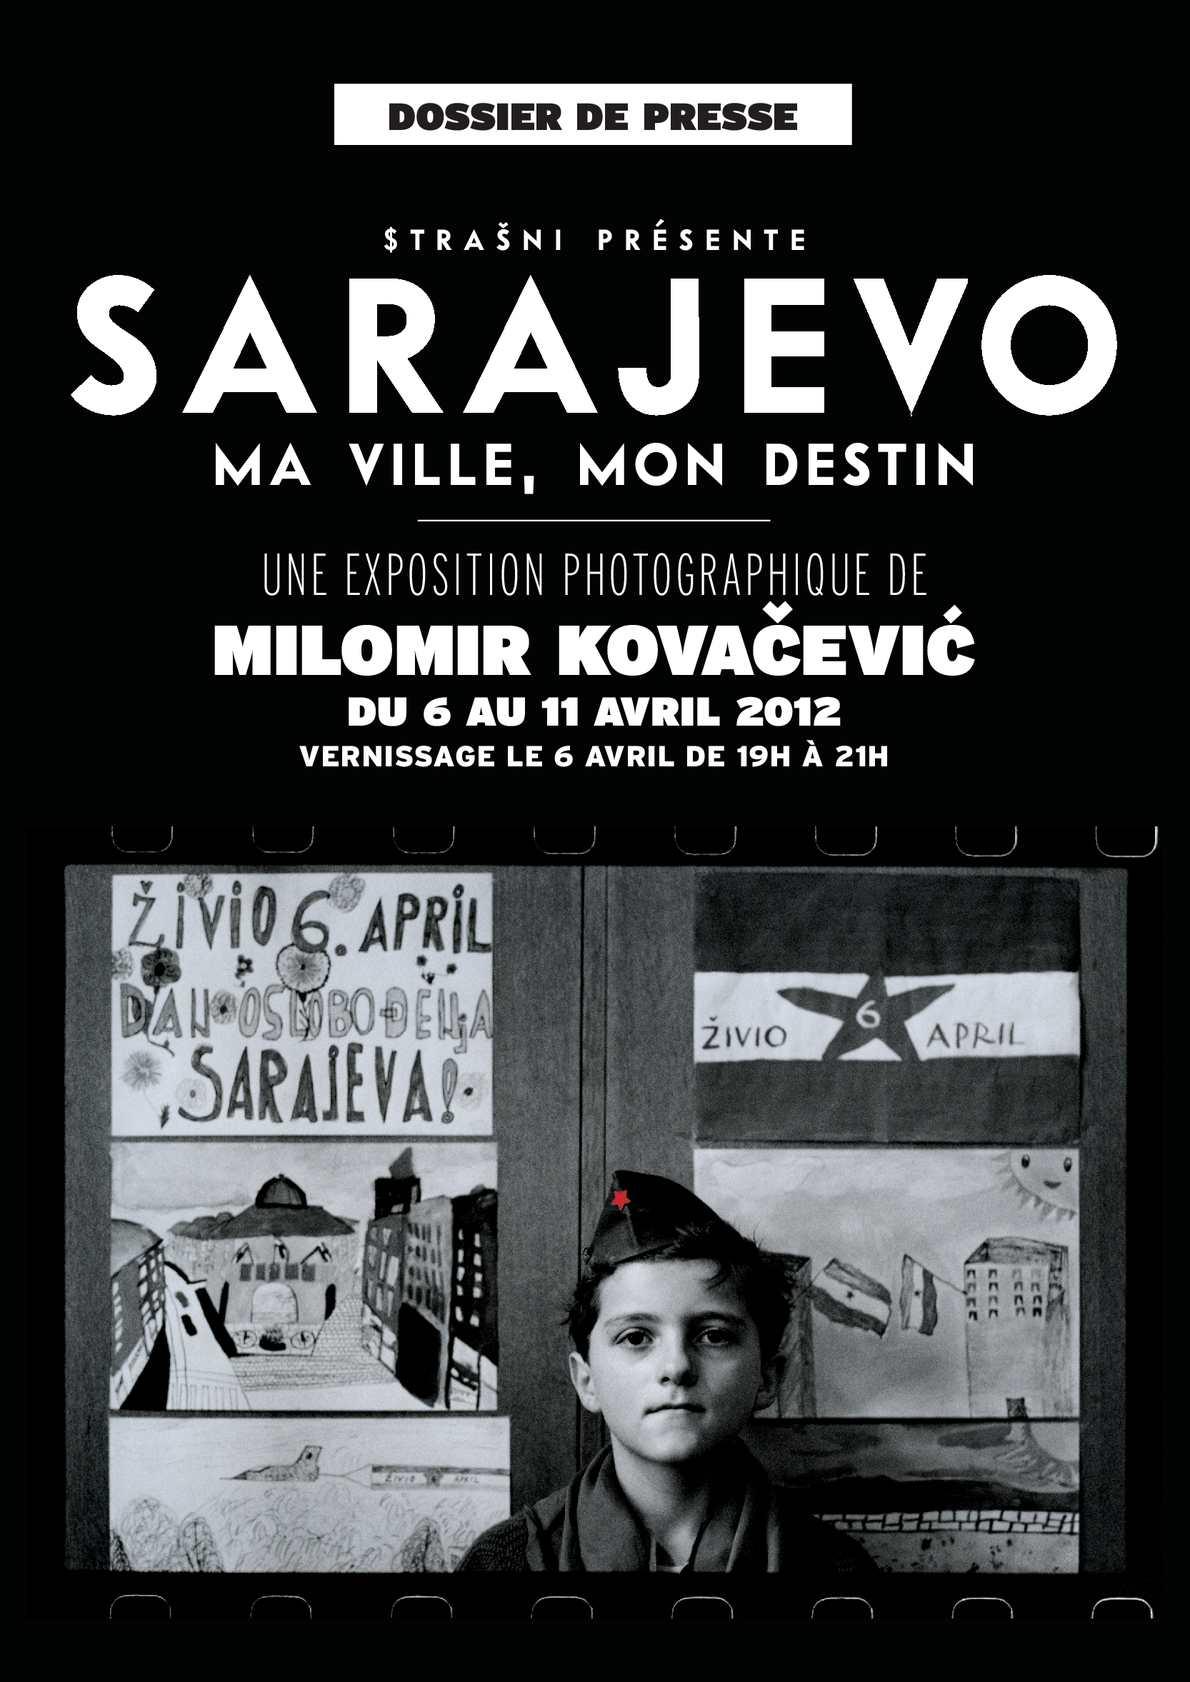 Sarajevo ma ville mon destin